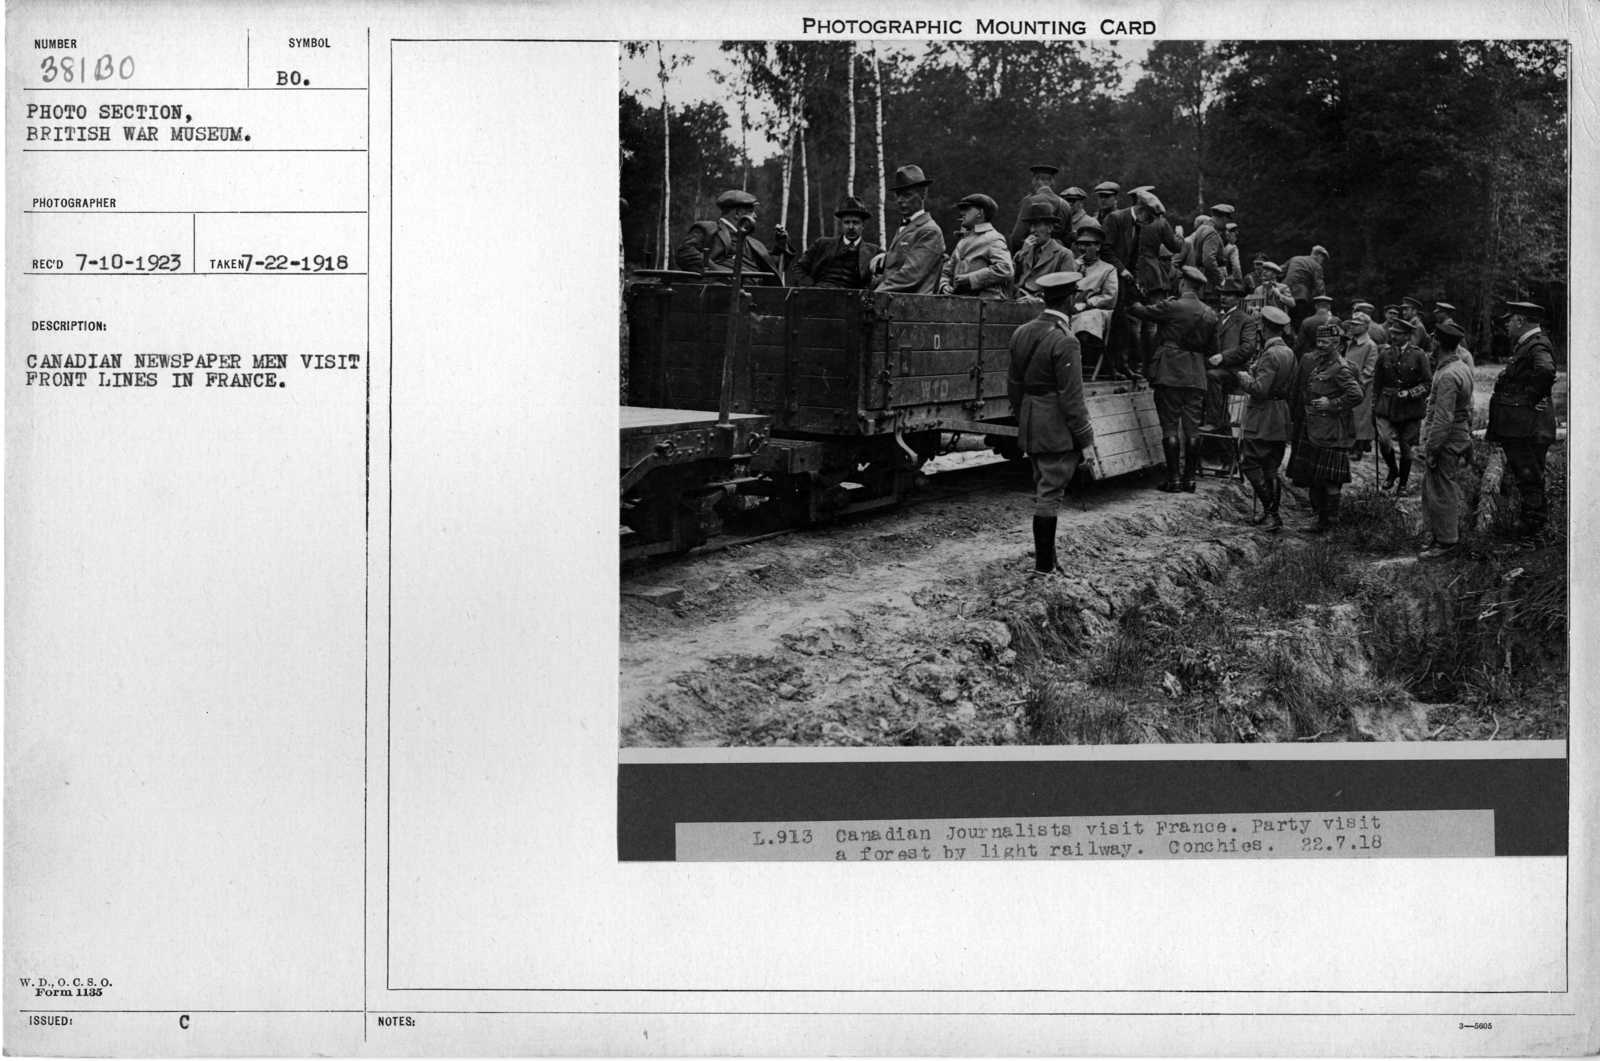 Canadian newspaper men visit front lines in France; 7/2/1918